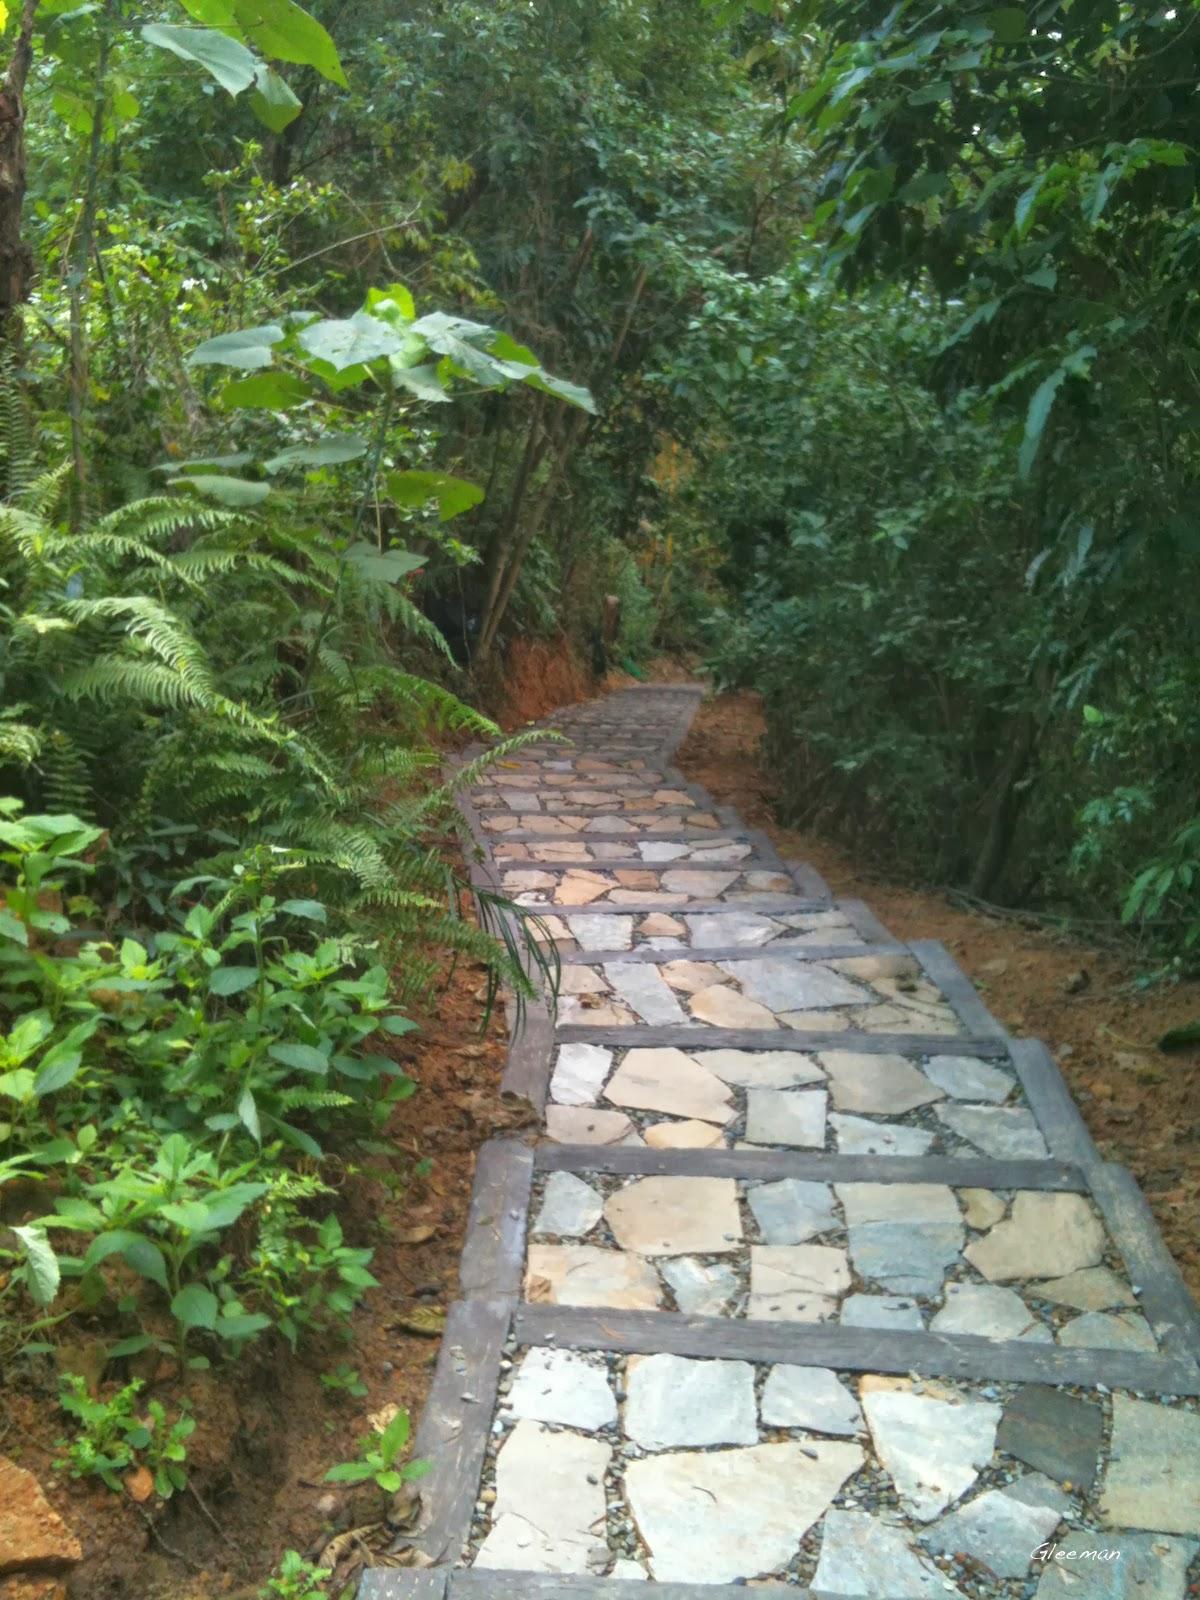 自強隧道上自然步道的坡度頗大的斜坡也改成石階了,改善了下雨天容易滑倒的問題。